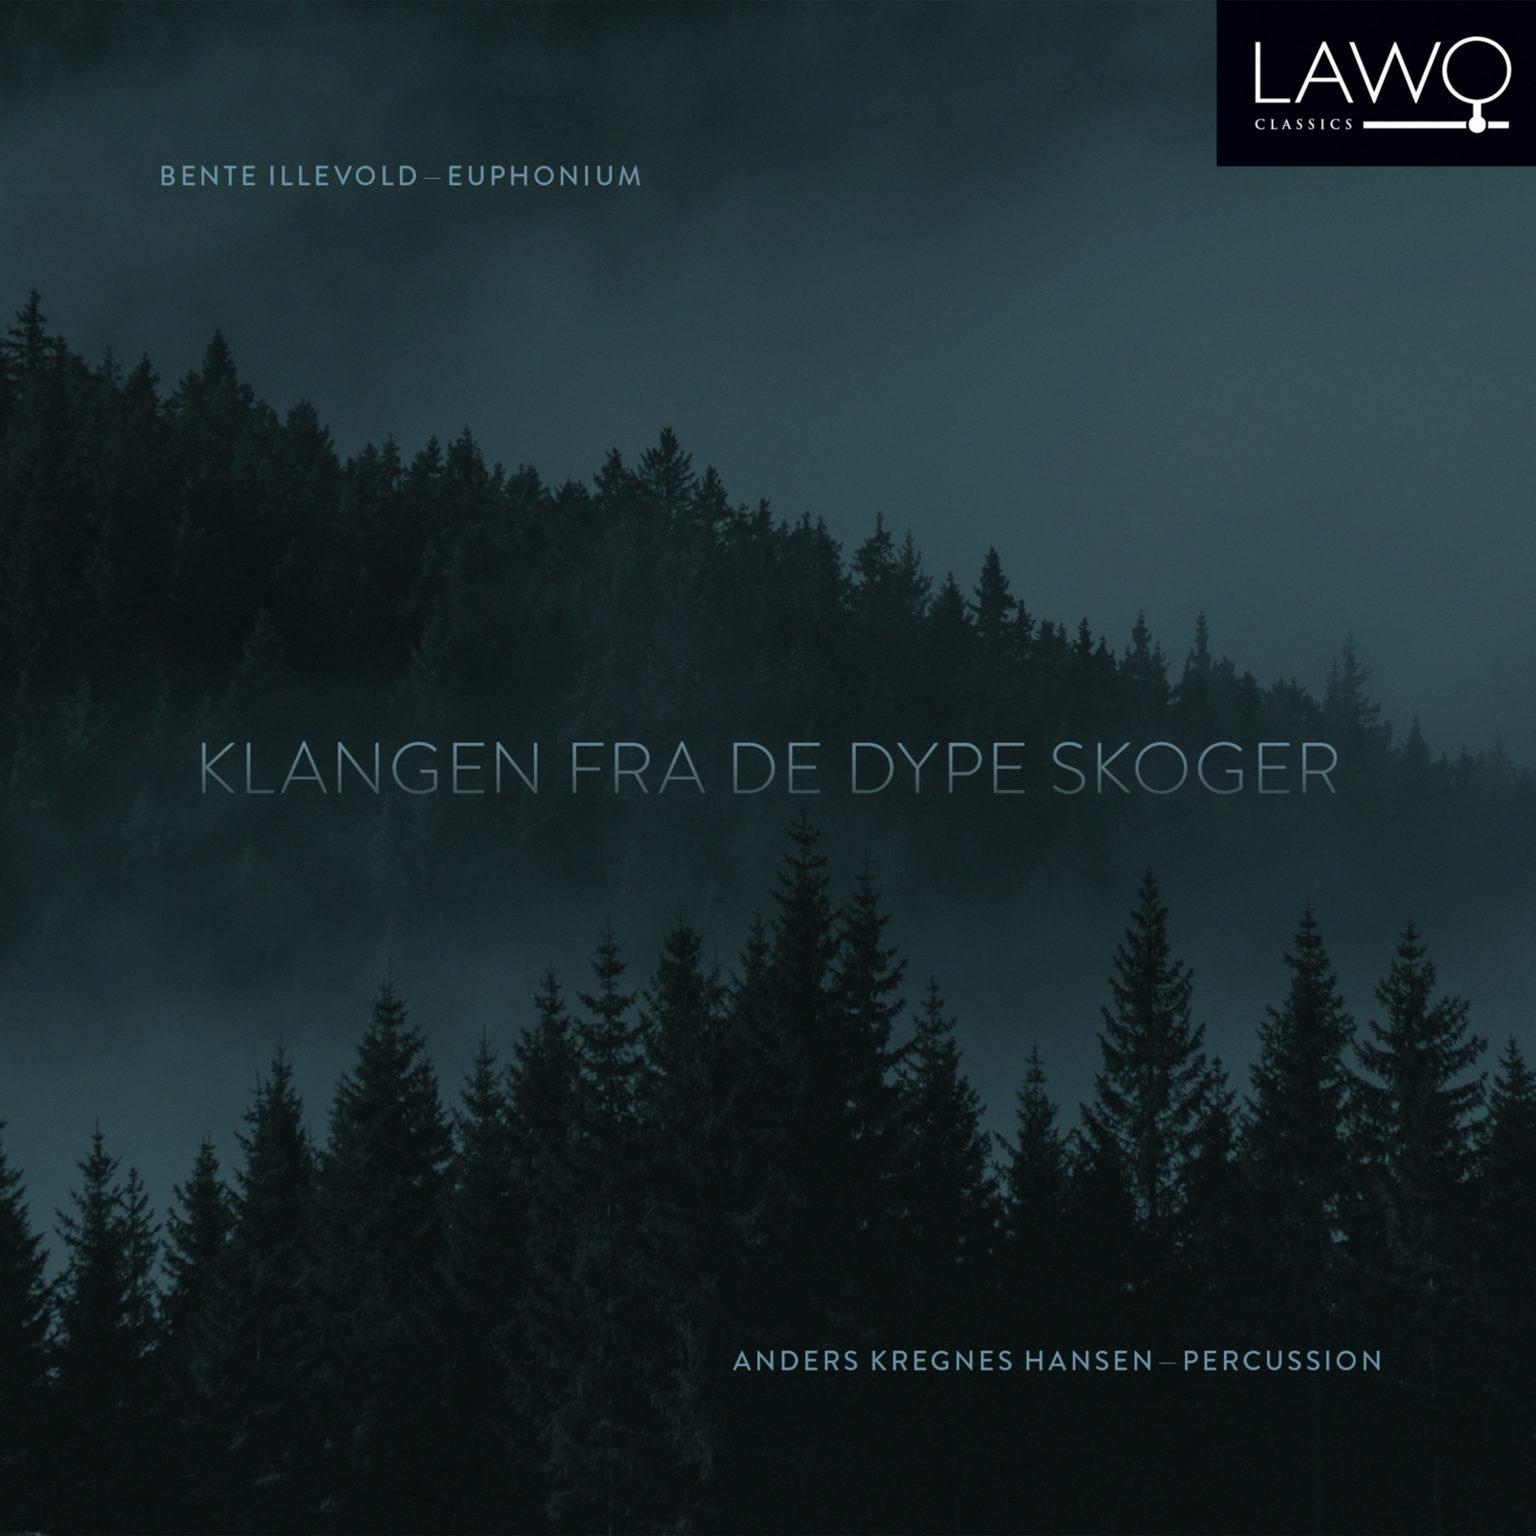 Click image for larger version.  Name:LWC1195_Bente_Illevold_Klangen_fra_de_dype_skoger_cover_3000x3000px-1536x1536.jpg Views:845 Size:174.8 KB ID:7720